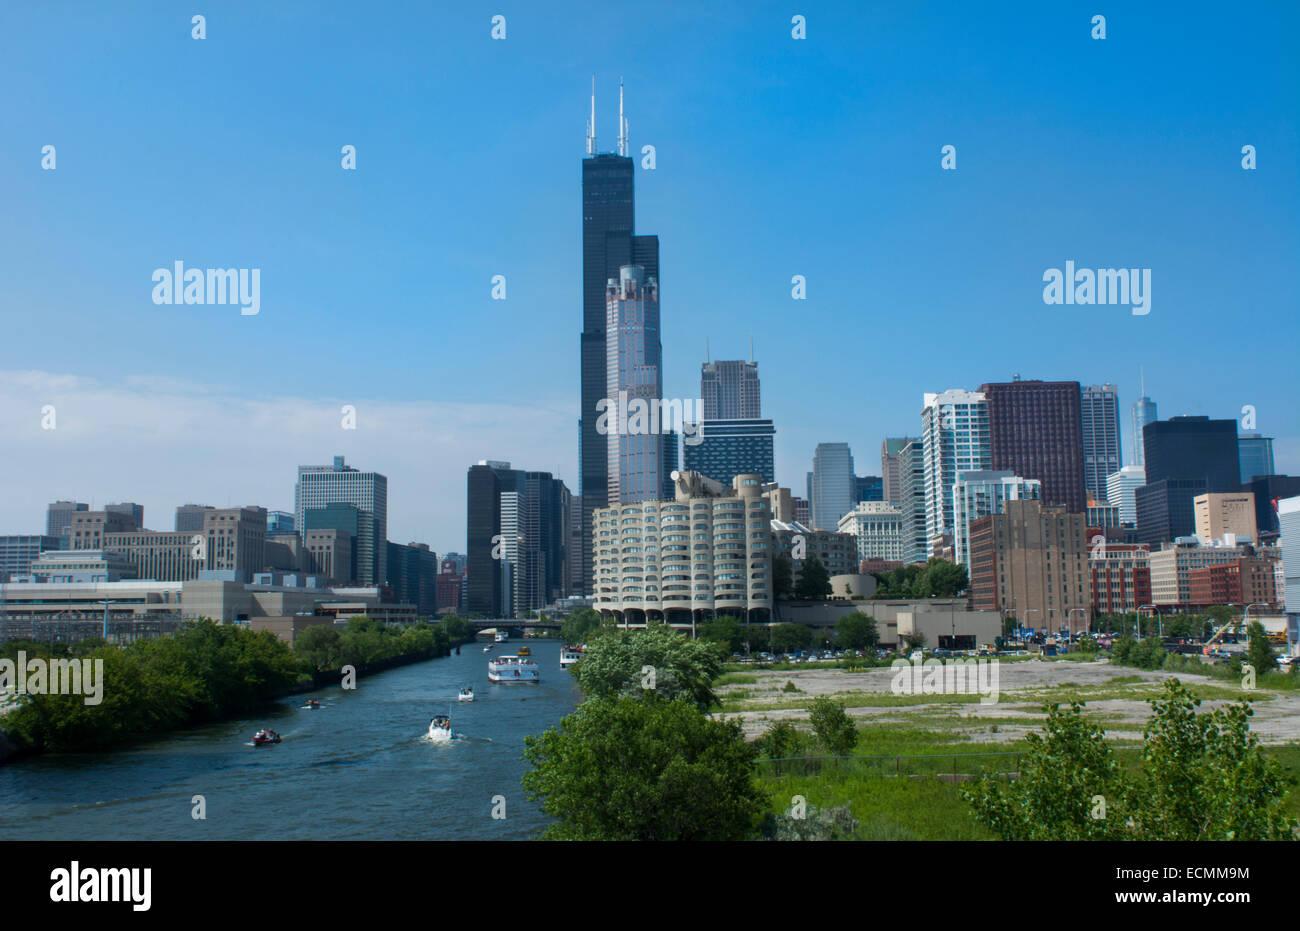 Chicago Illinois skyline dal sud del fiume Chicago ramo con la Sears Tower o Willis Tower nel retro con grattacieli Immagini Stock